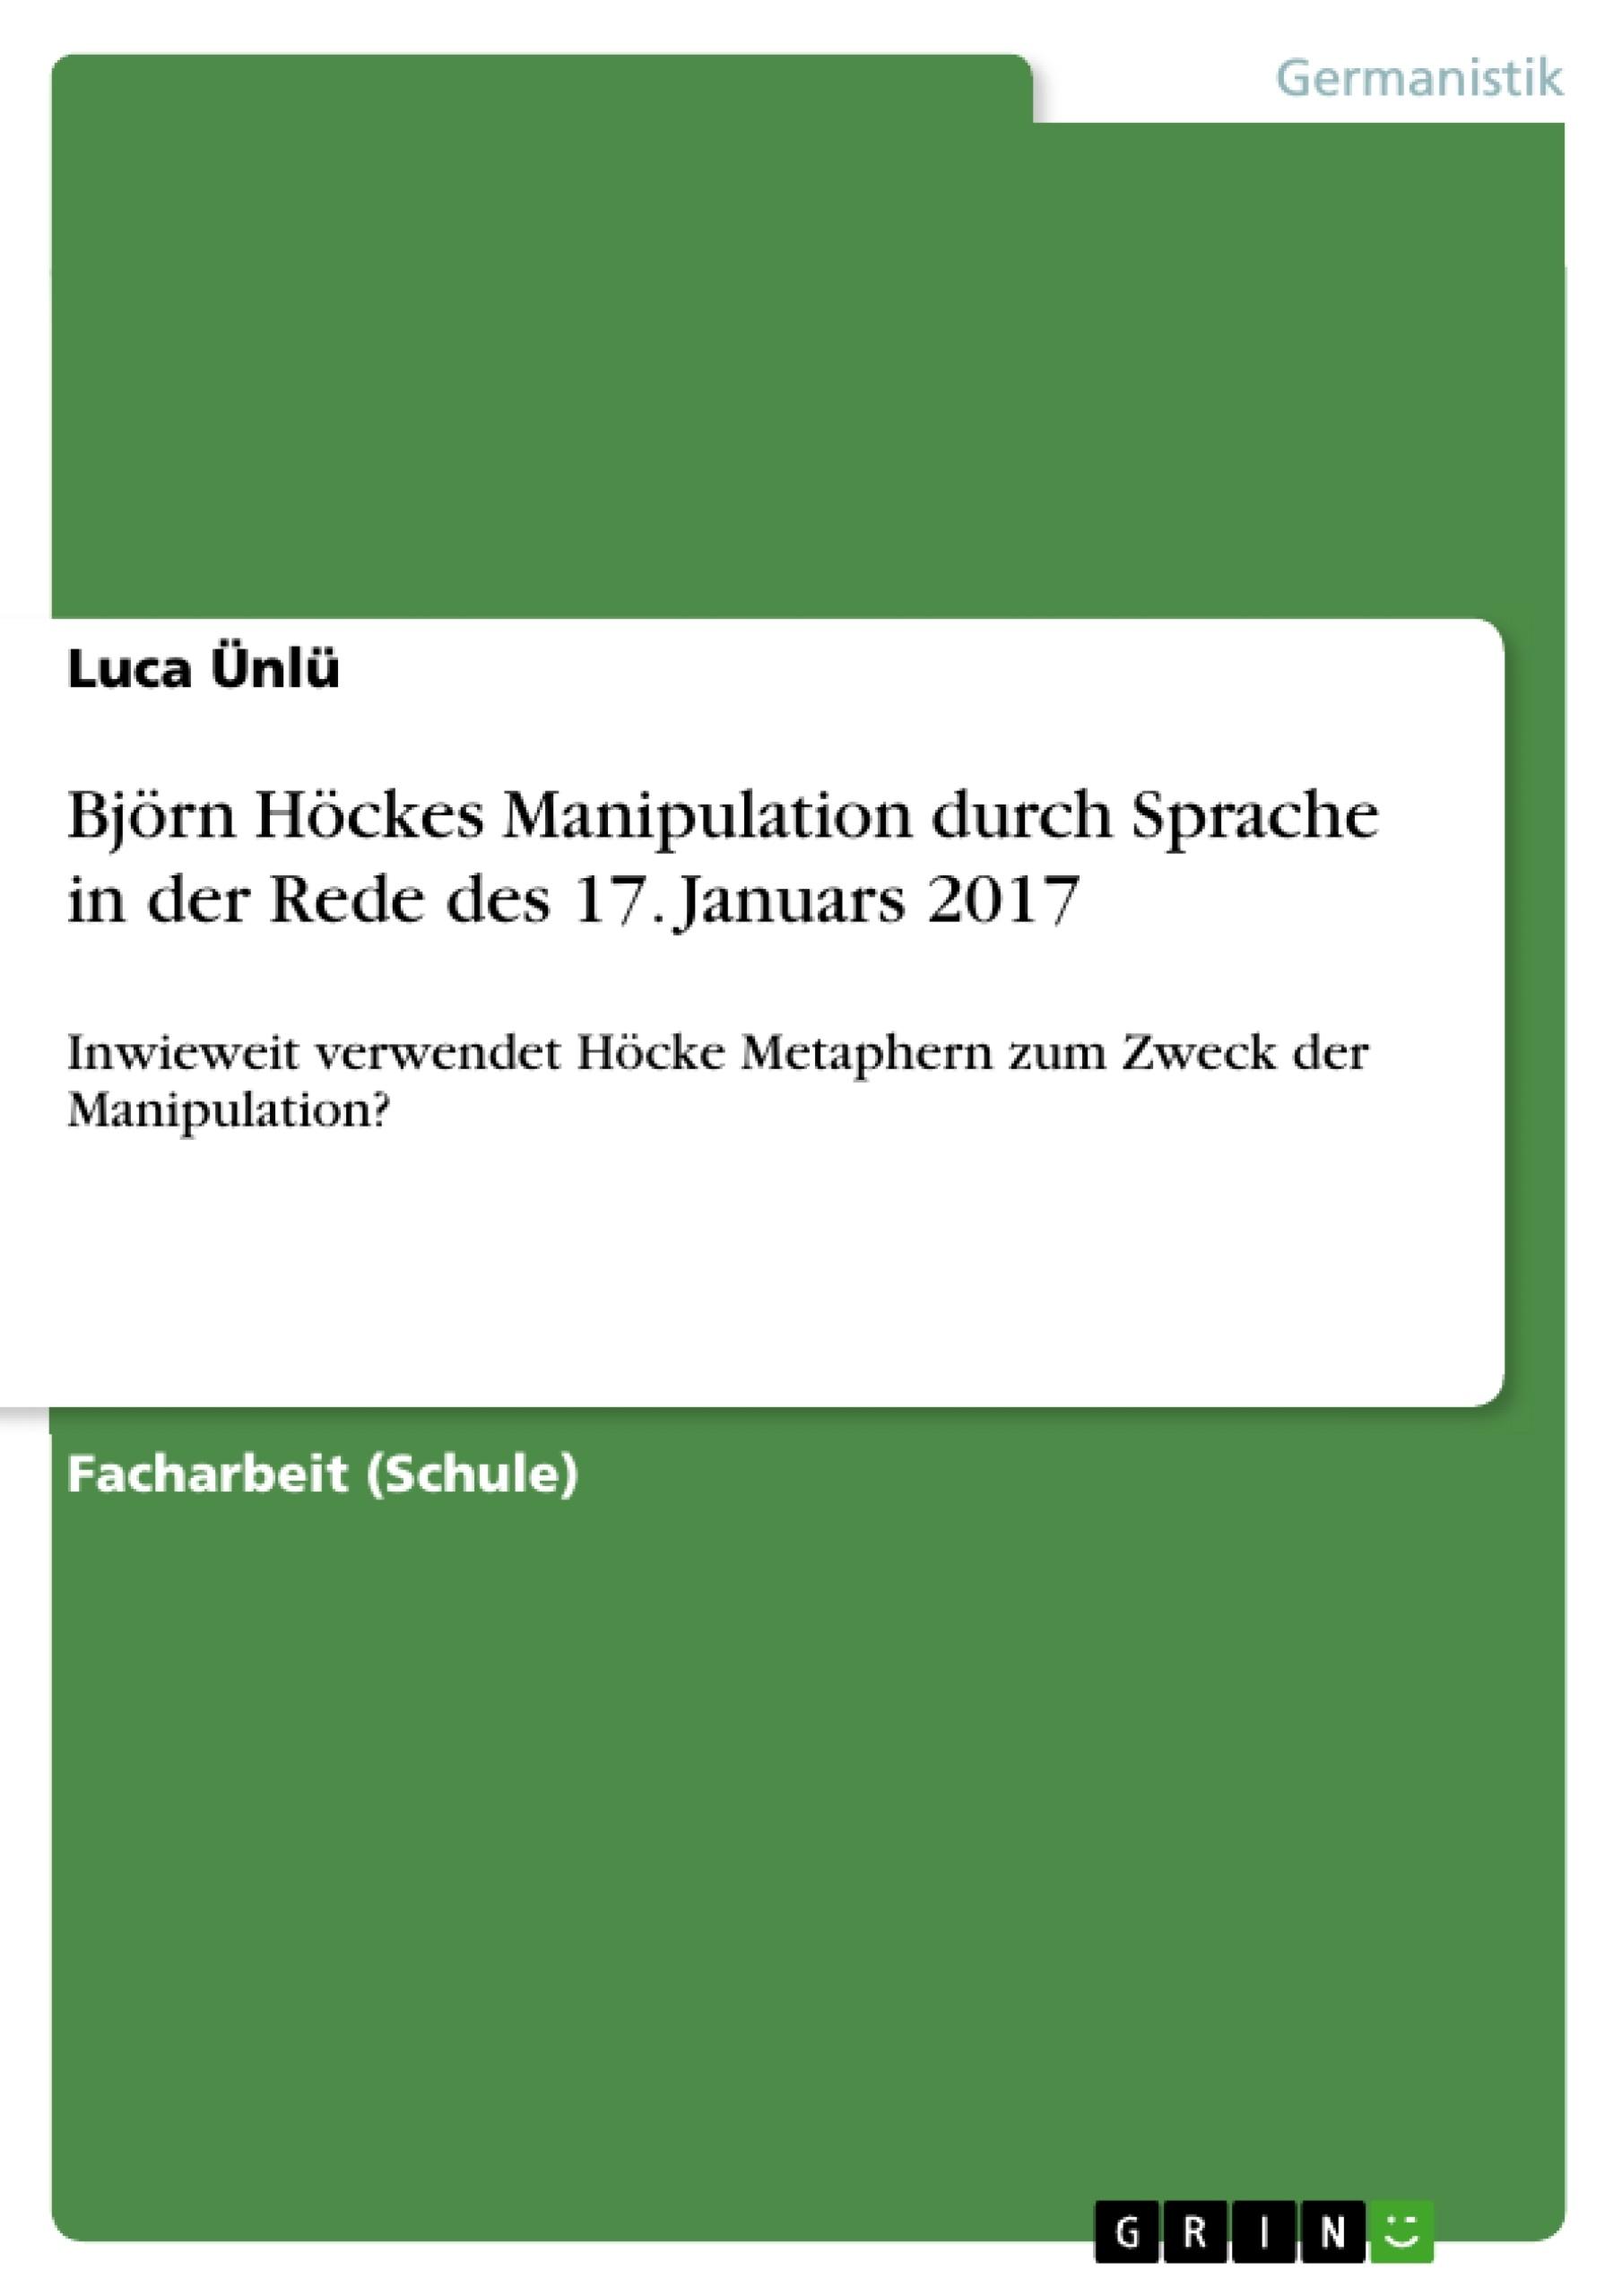 Titel: Björn Höckes Manipulation durch Sprache in der Rede des 17. Januars 2017